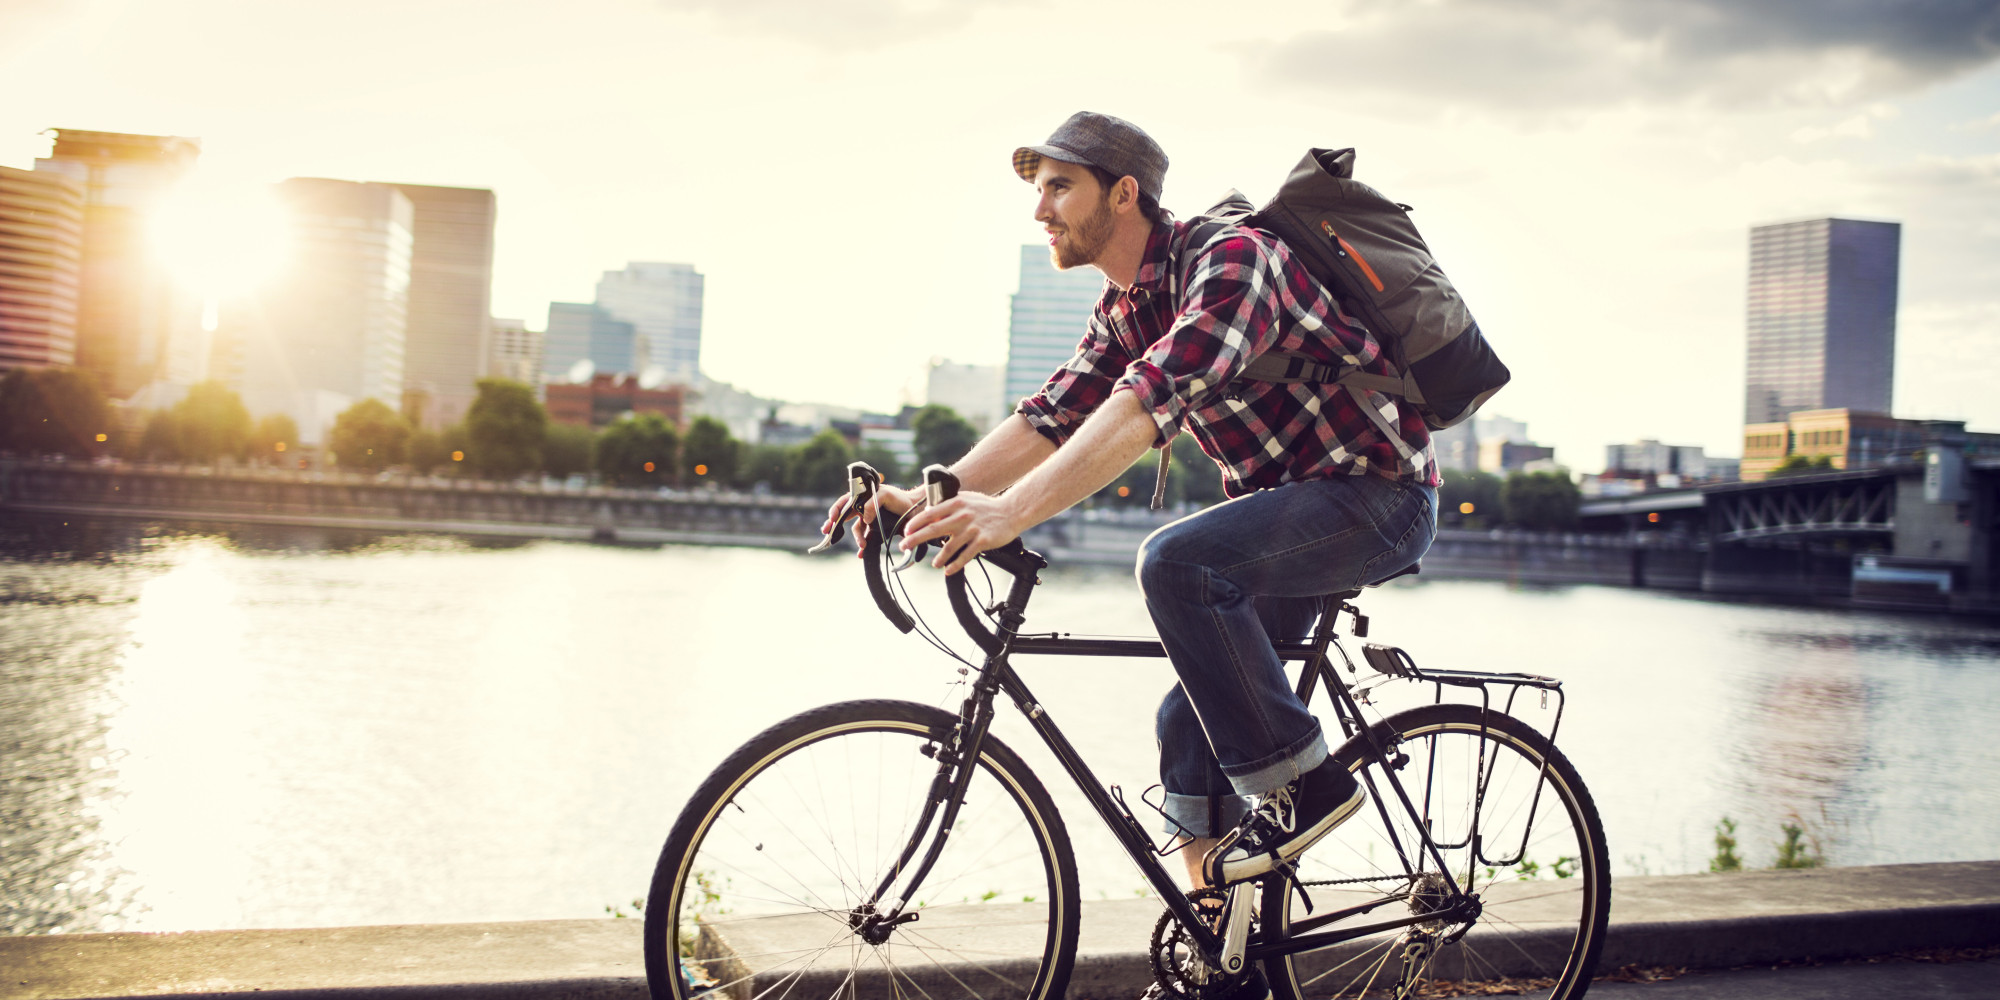 Di chuyển bằng xe đạp, đi bộ hay phương tiện công cộng